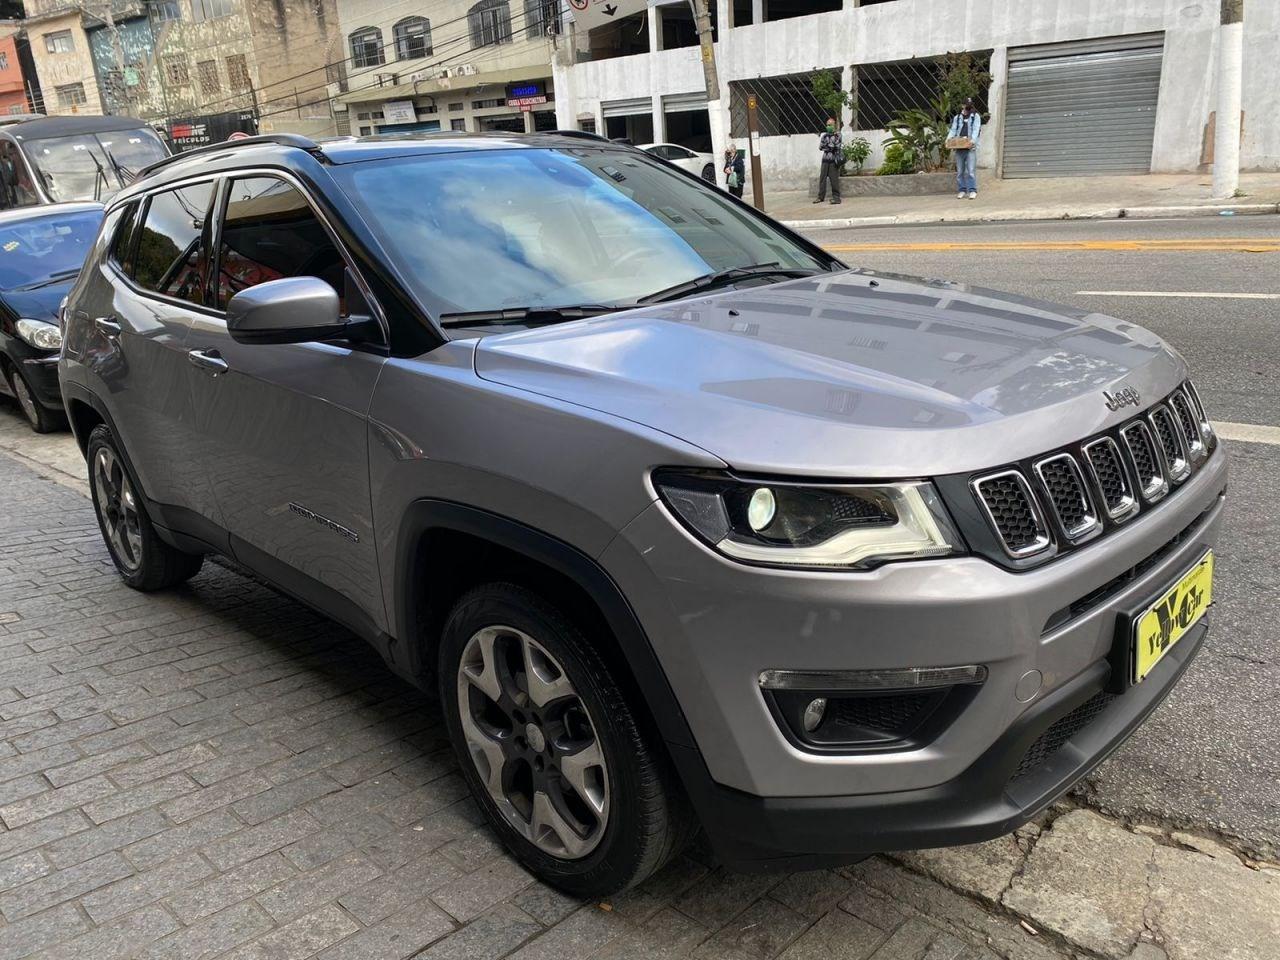 //www.autoline.com.br/carro/jeep/compass-20-sport-16v-flex-4p-automatico/2019/sao-paulo-sp/15693482